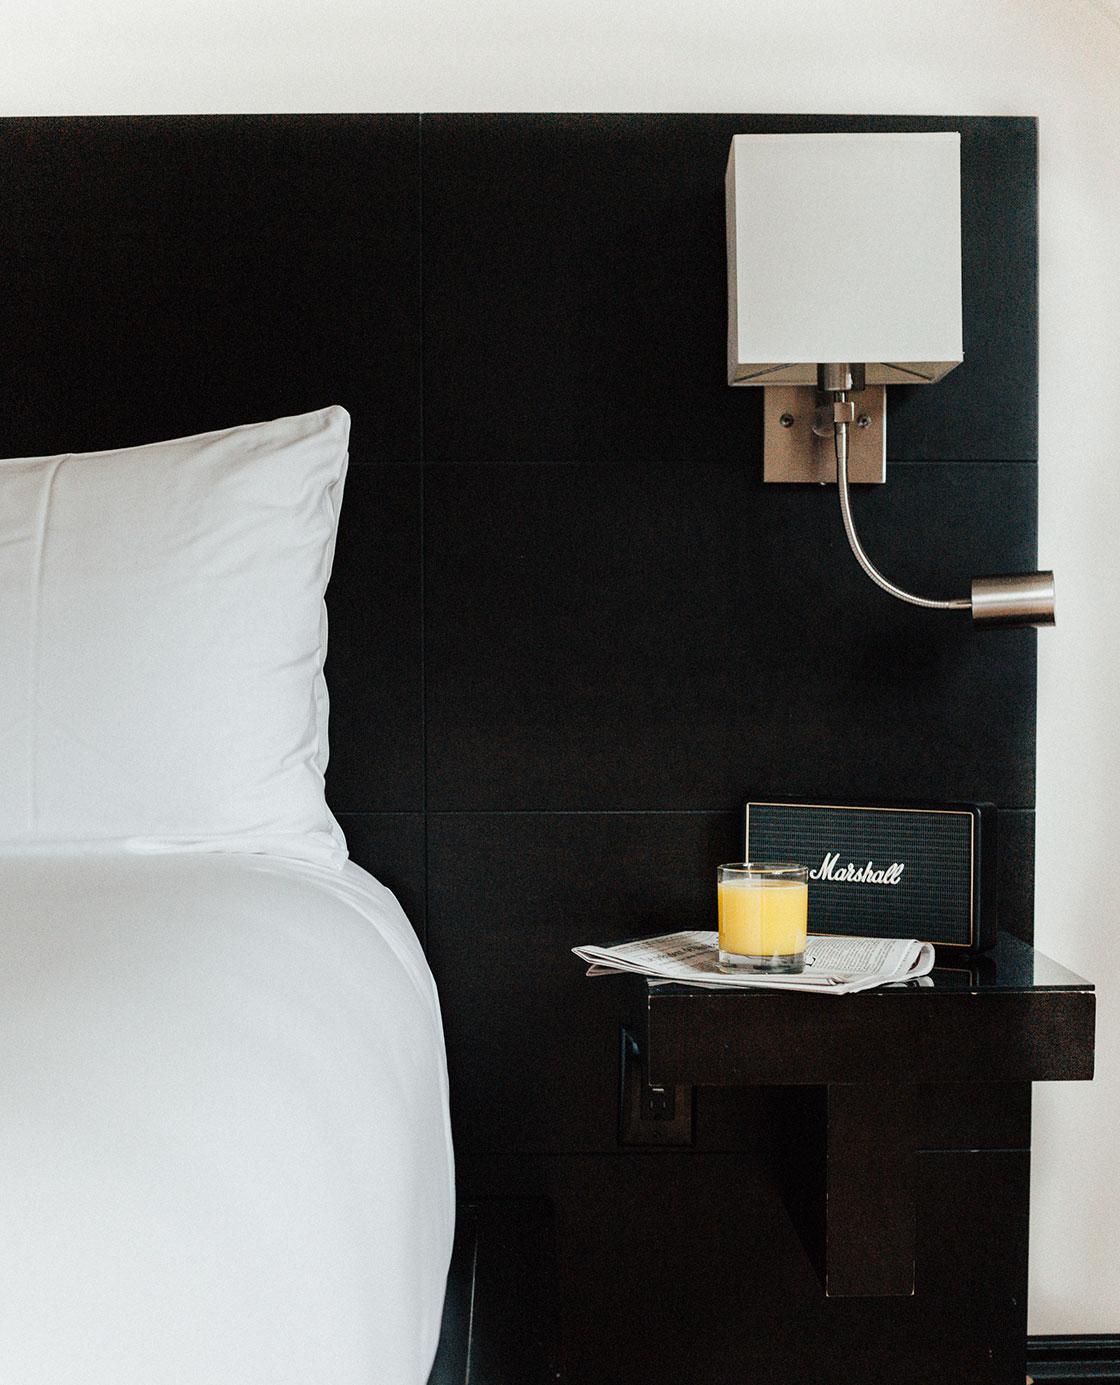 Un verre de jus d'orange, un journal et un poste radio posés sur une table de nuit près d'un lit d'une des chambres du Petit Hôtel.